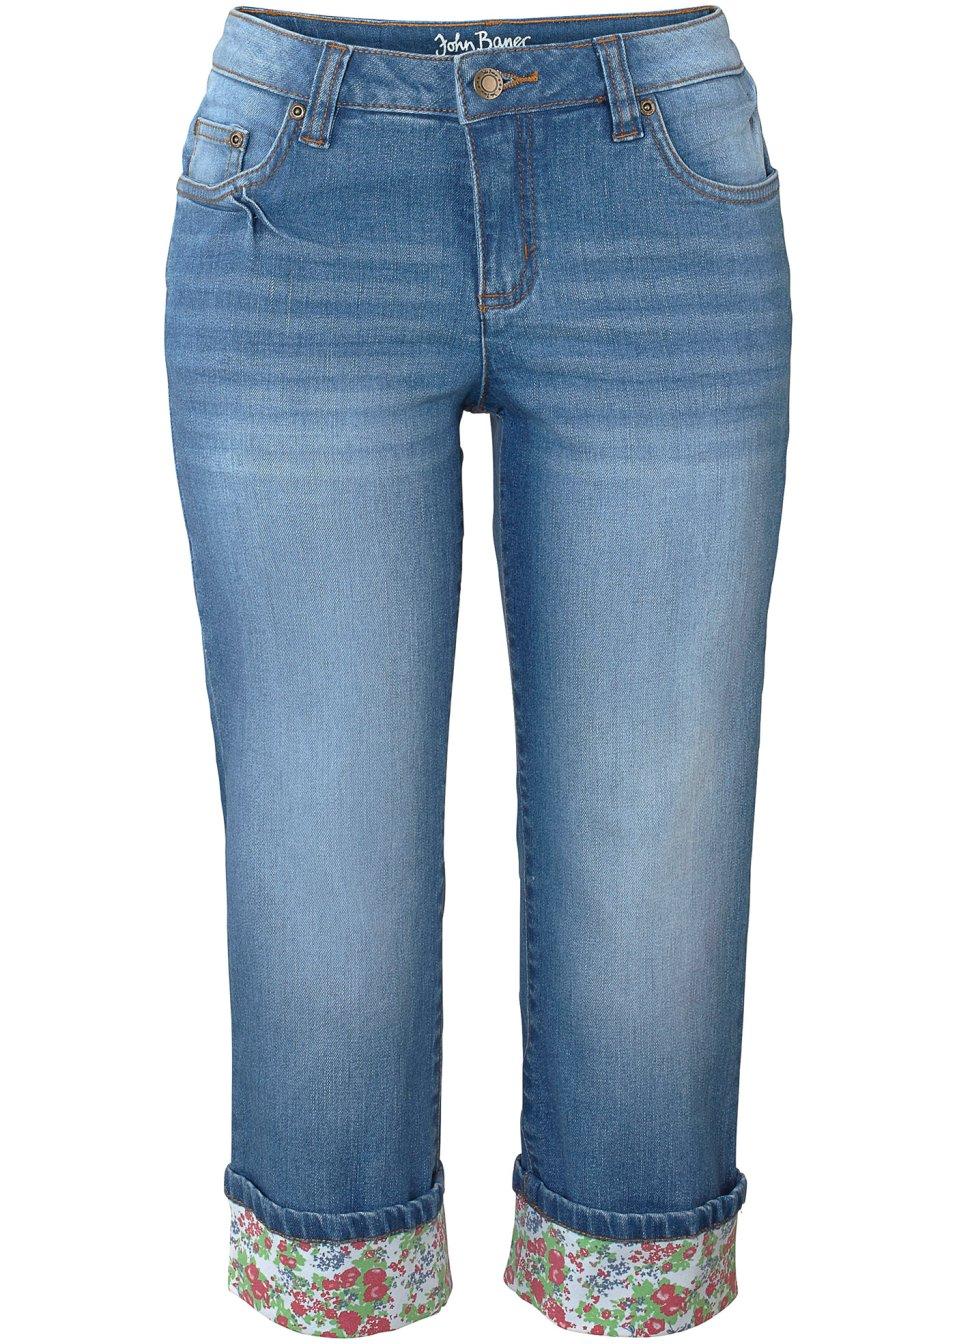 corsaire en jean authentique avec revers color bleu moyen femme. Black Bedroom Furniture Sets. Home Design Ideas